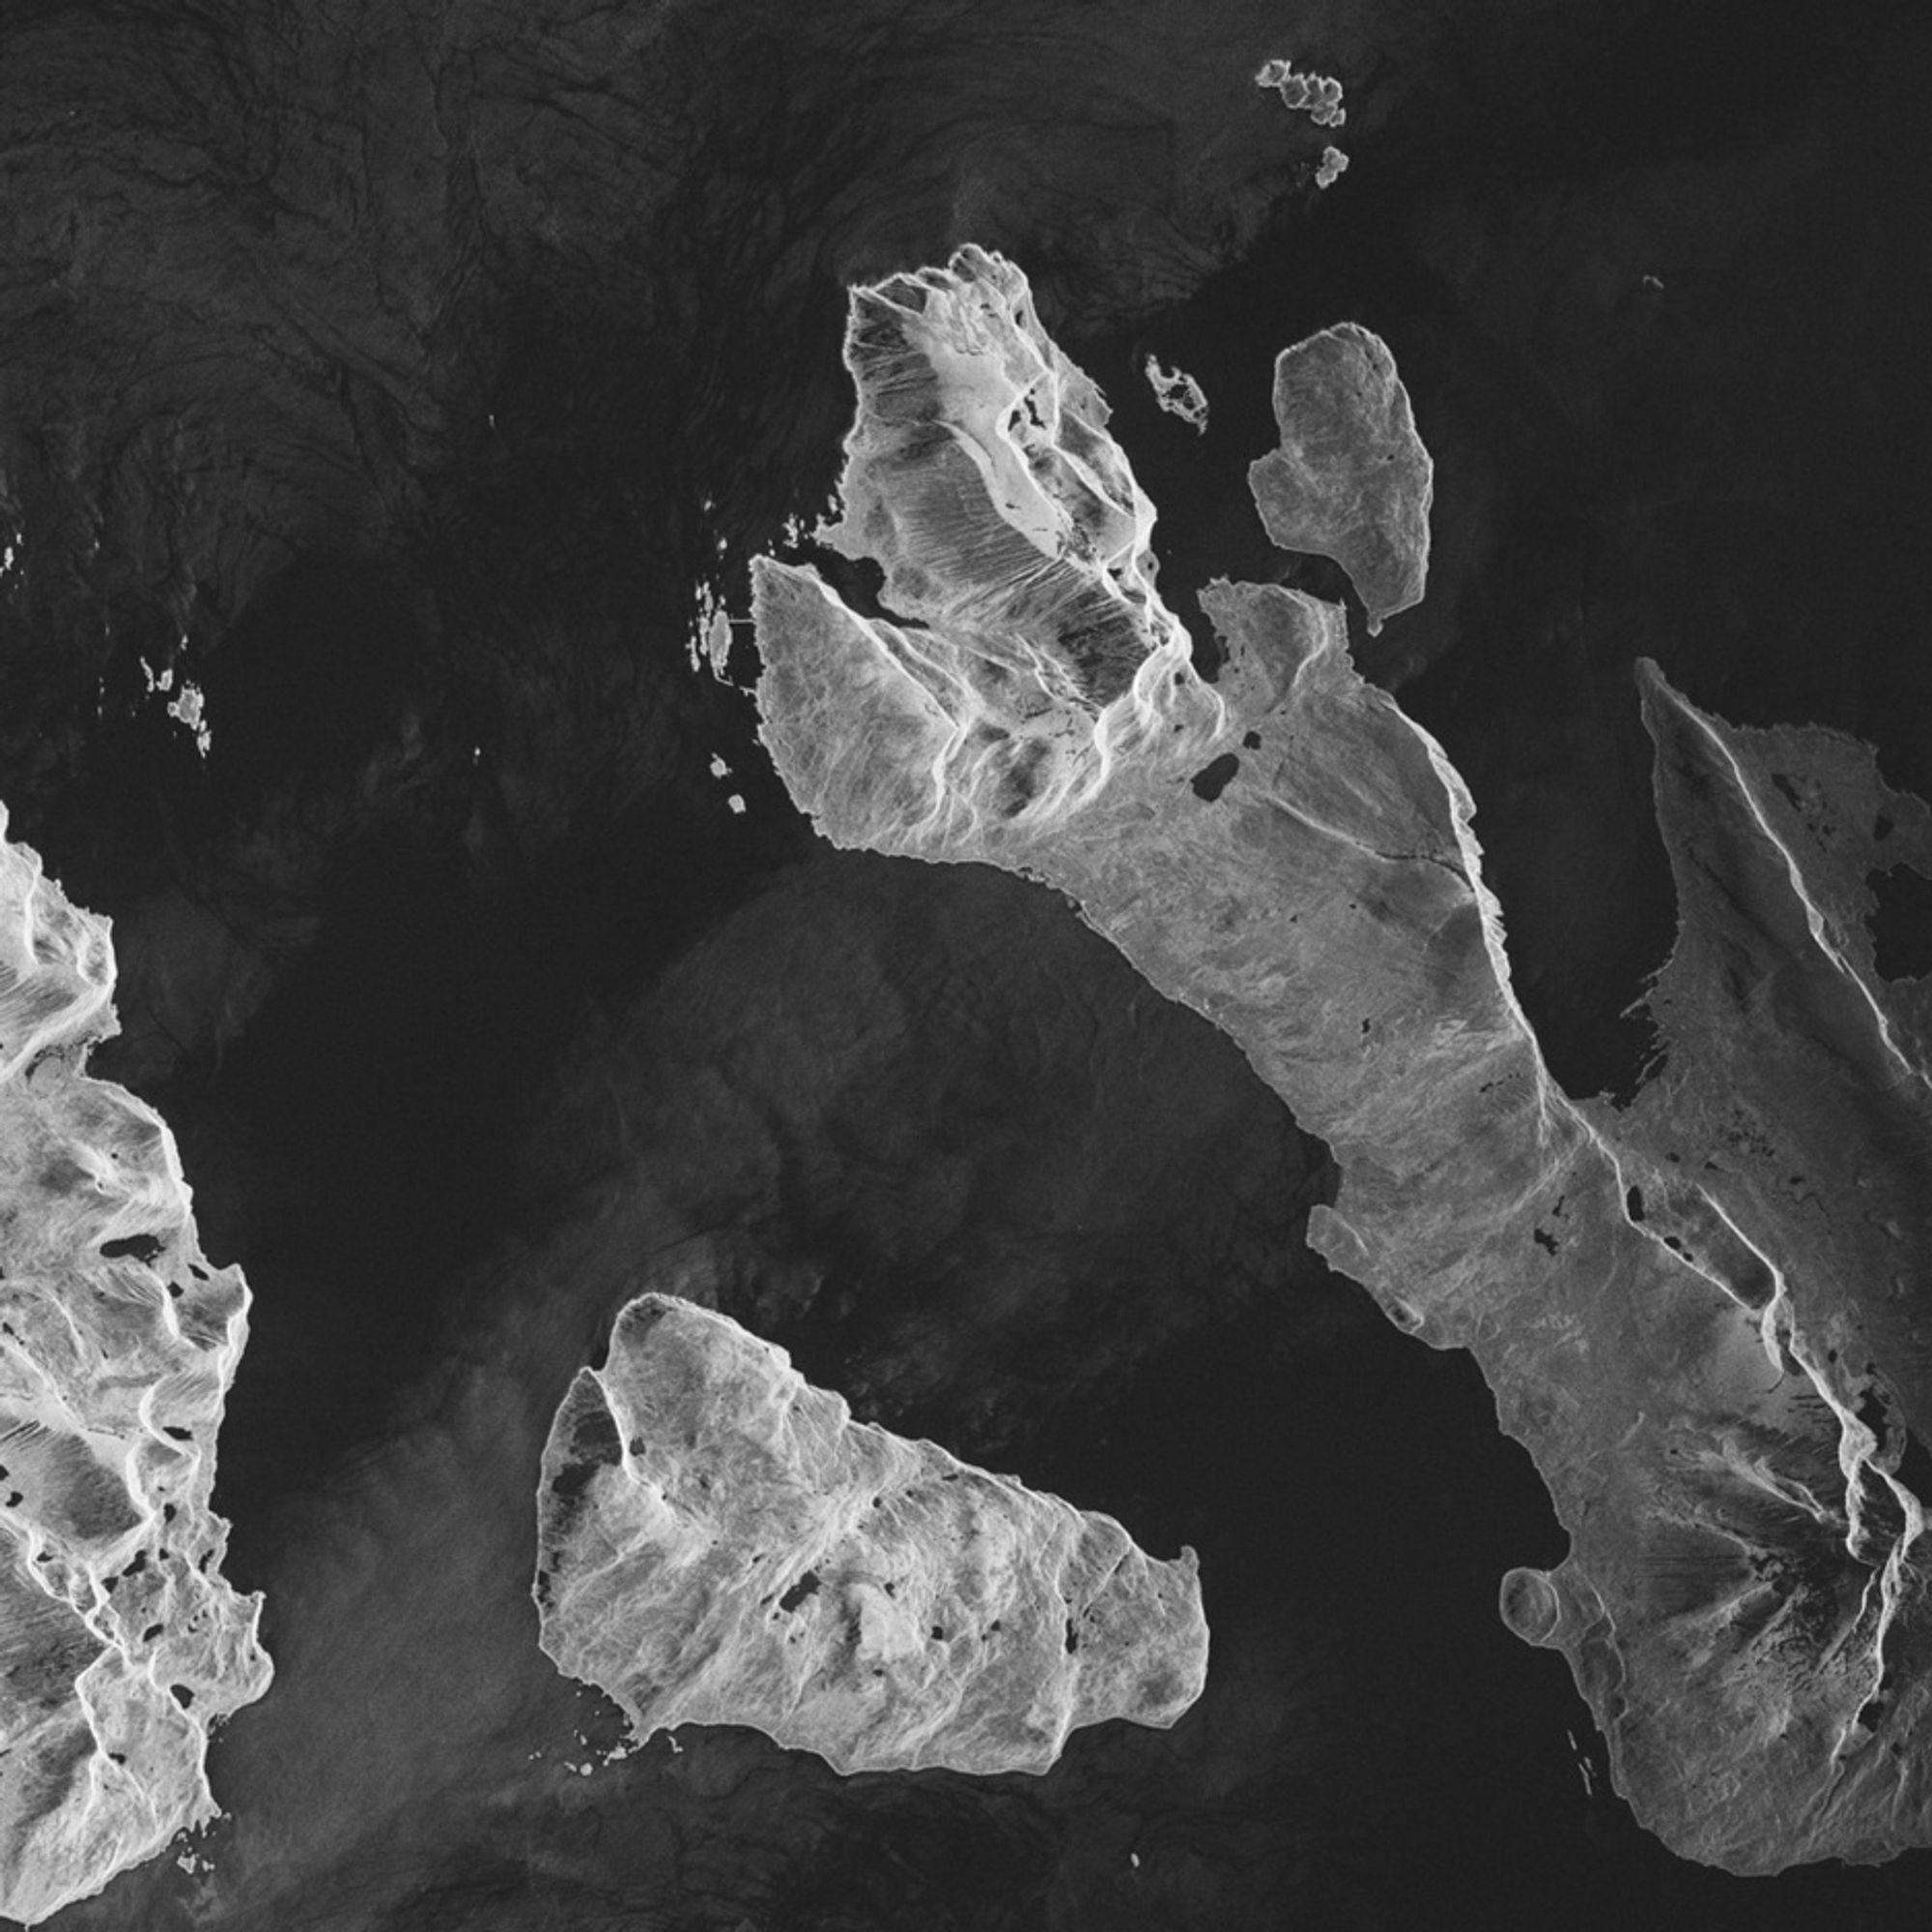 FØRSTE: De mindre øyene Nordkvaløya, Helgøya og Burøya omkranser Vannøya i Karlsøy kommune i Troms. Radarbildet er det første tatt av TerraSAR-X.